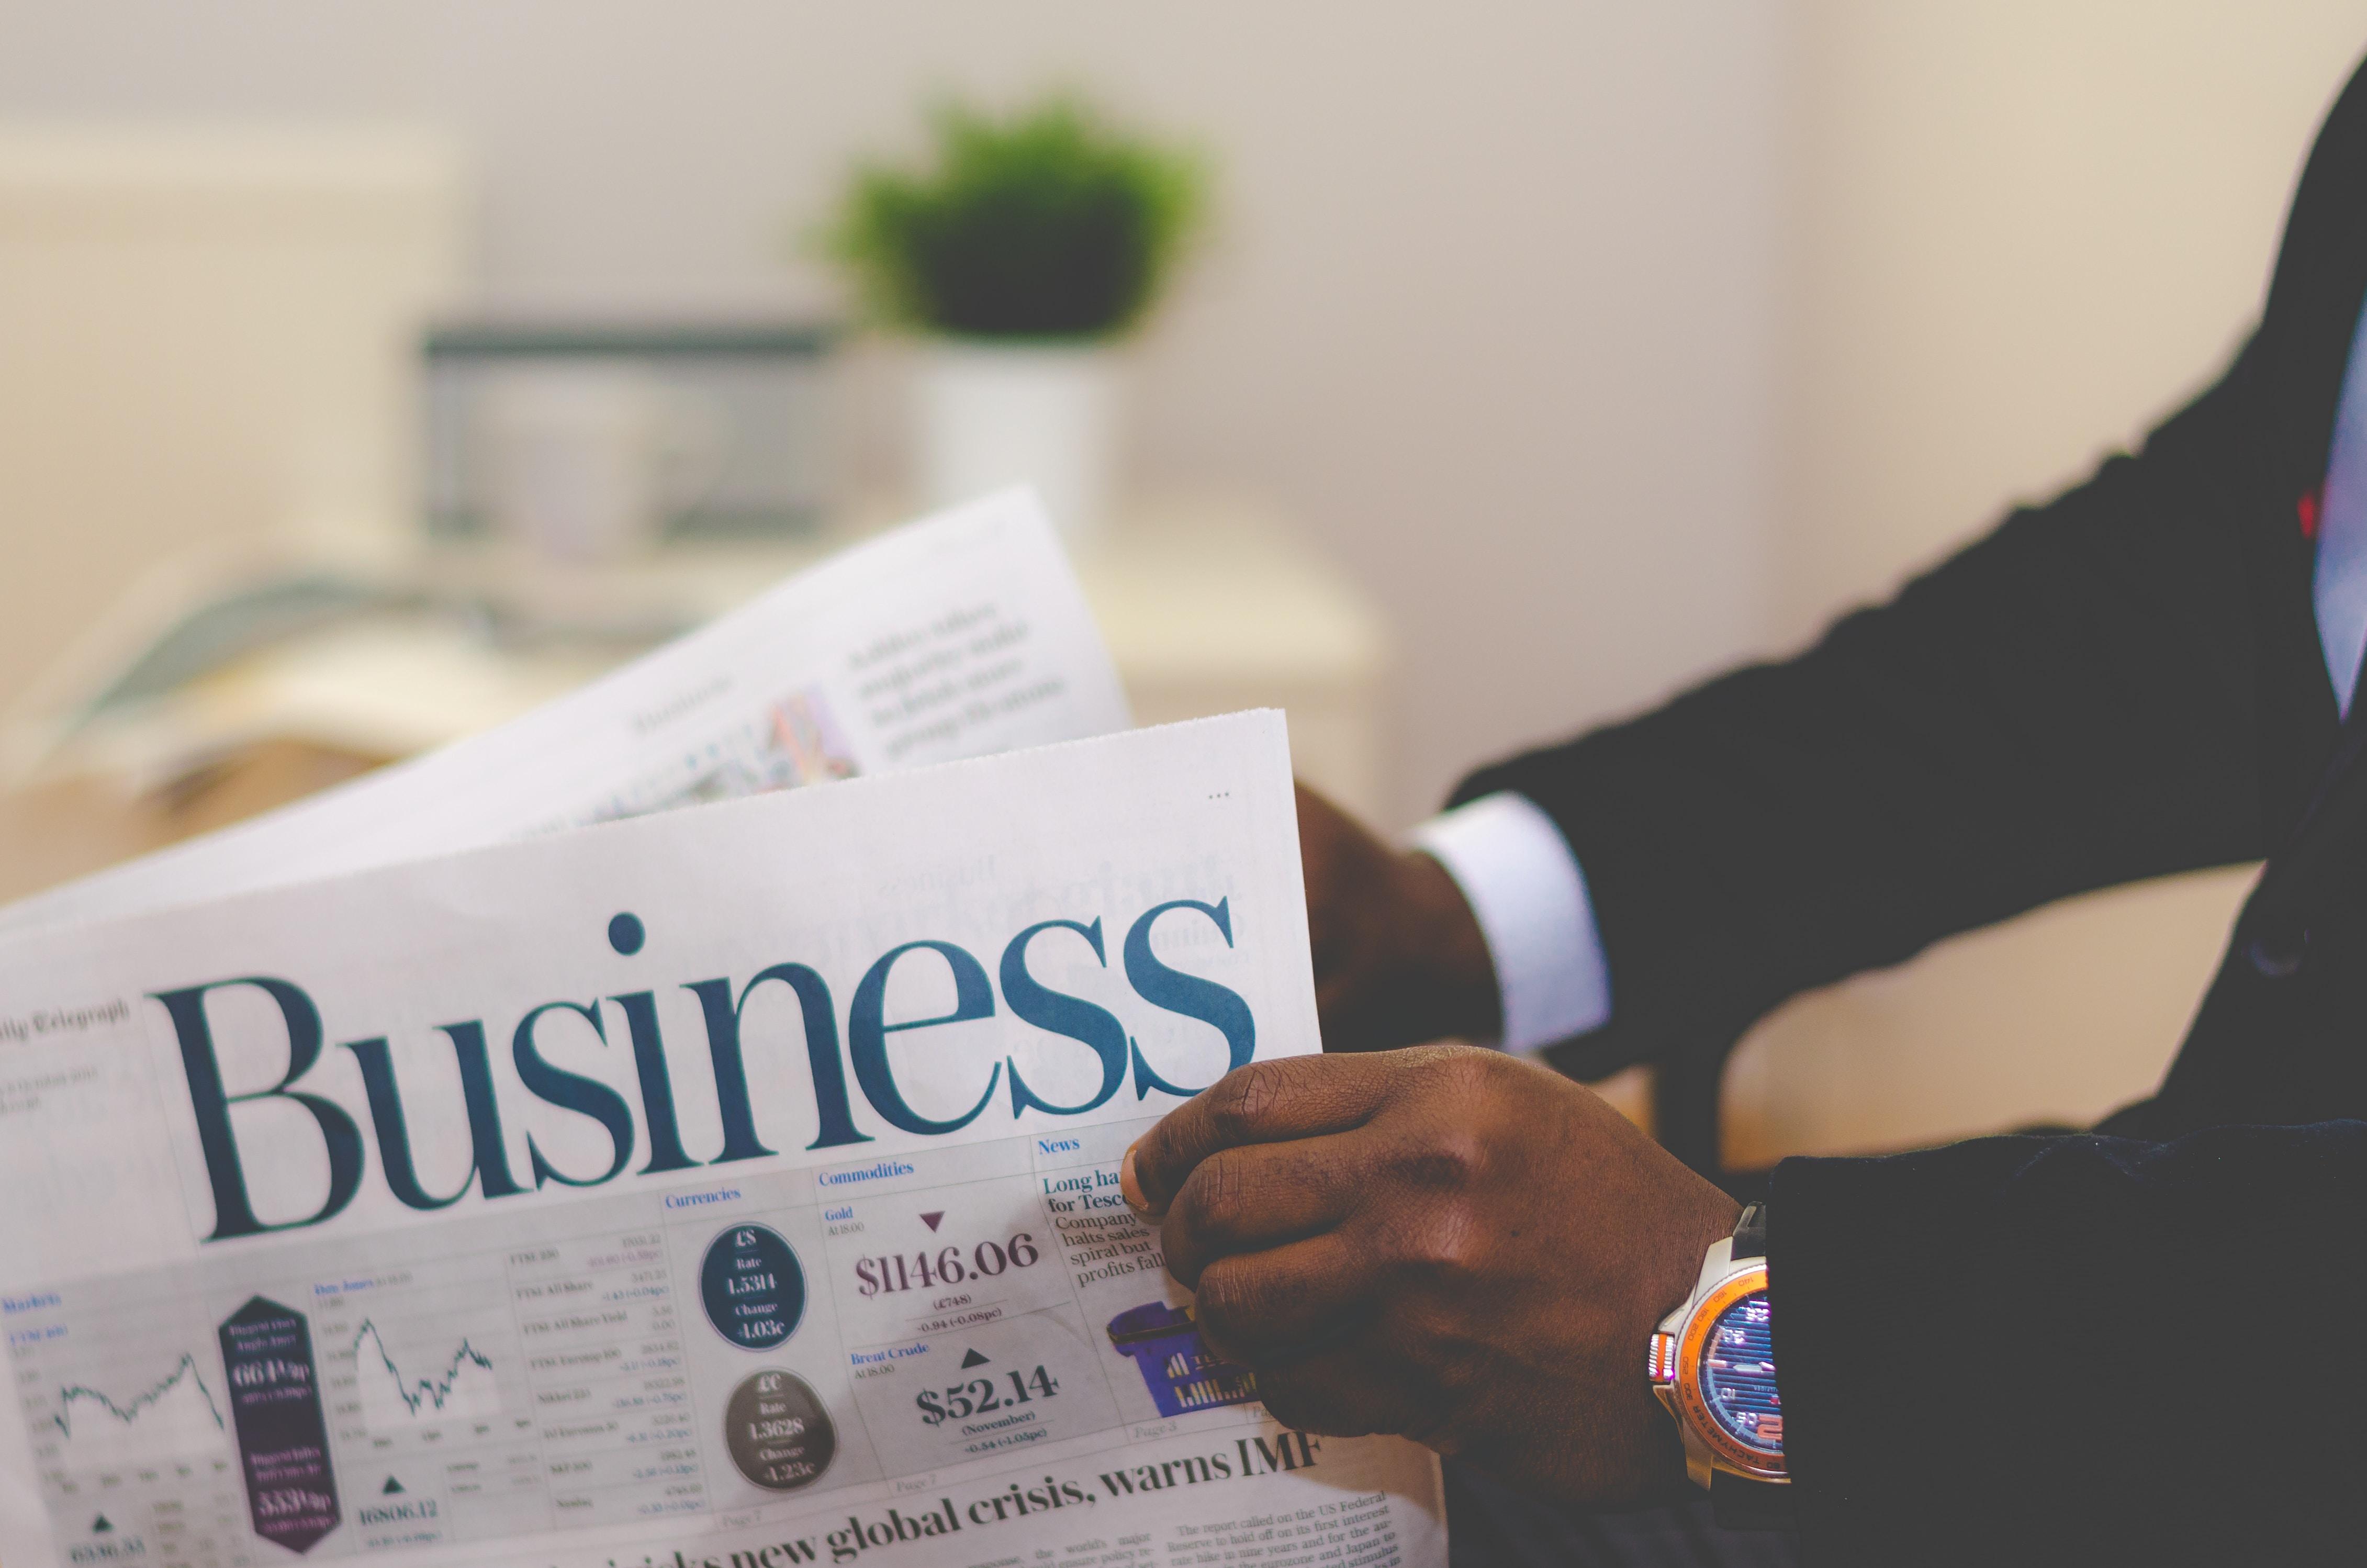 Moka无接触招聘 | HR提高招聘效率第一步,多渠道统一管理